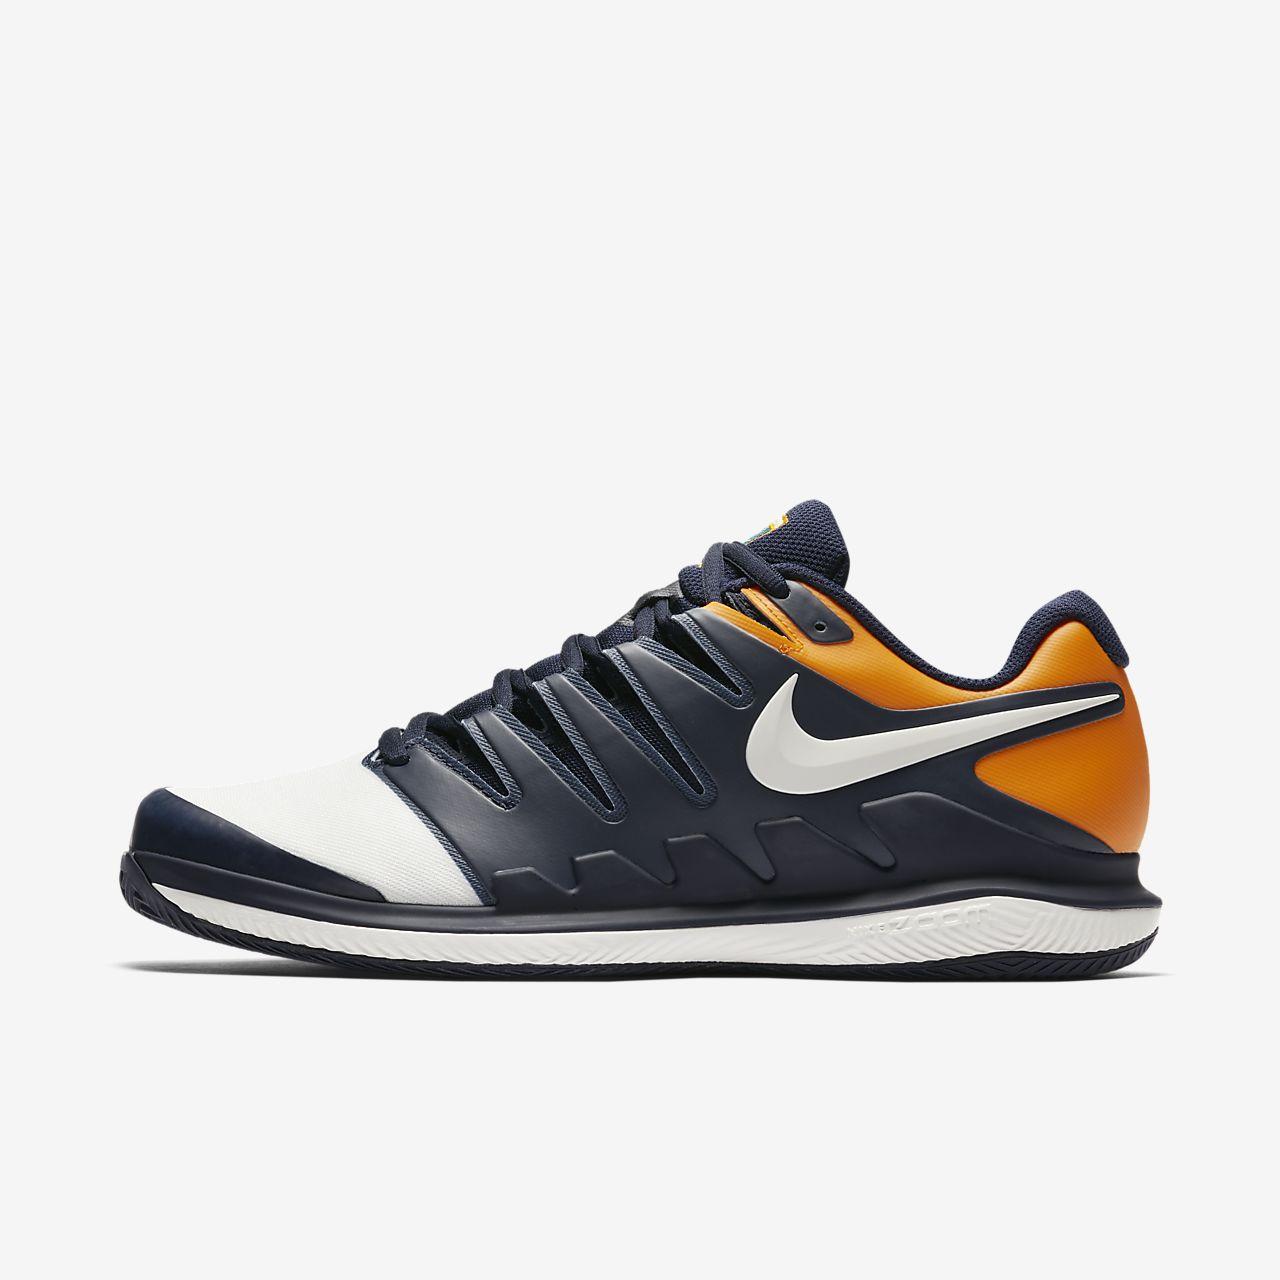 Homme Clay Chaussure Pour Nike De X Air Tennis Zoom Ch Vapor fPPaSxzpW